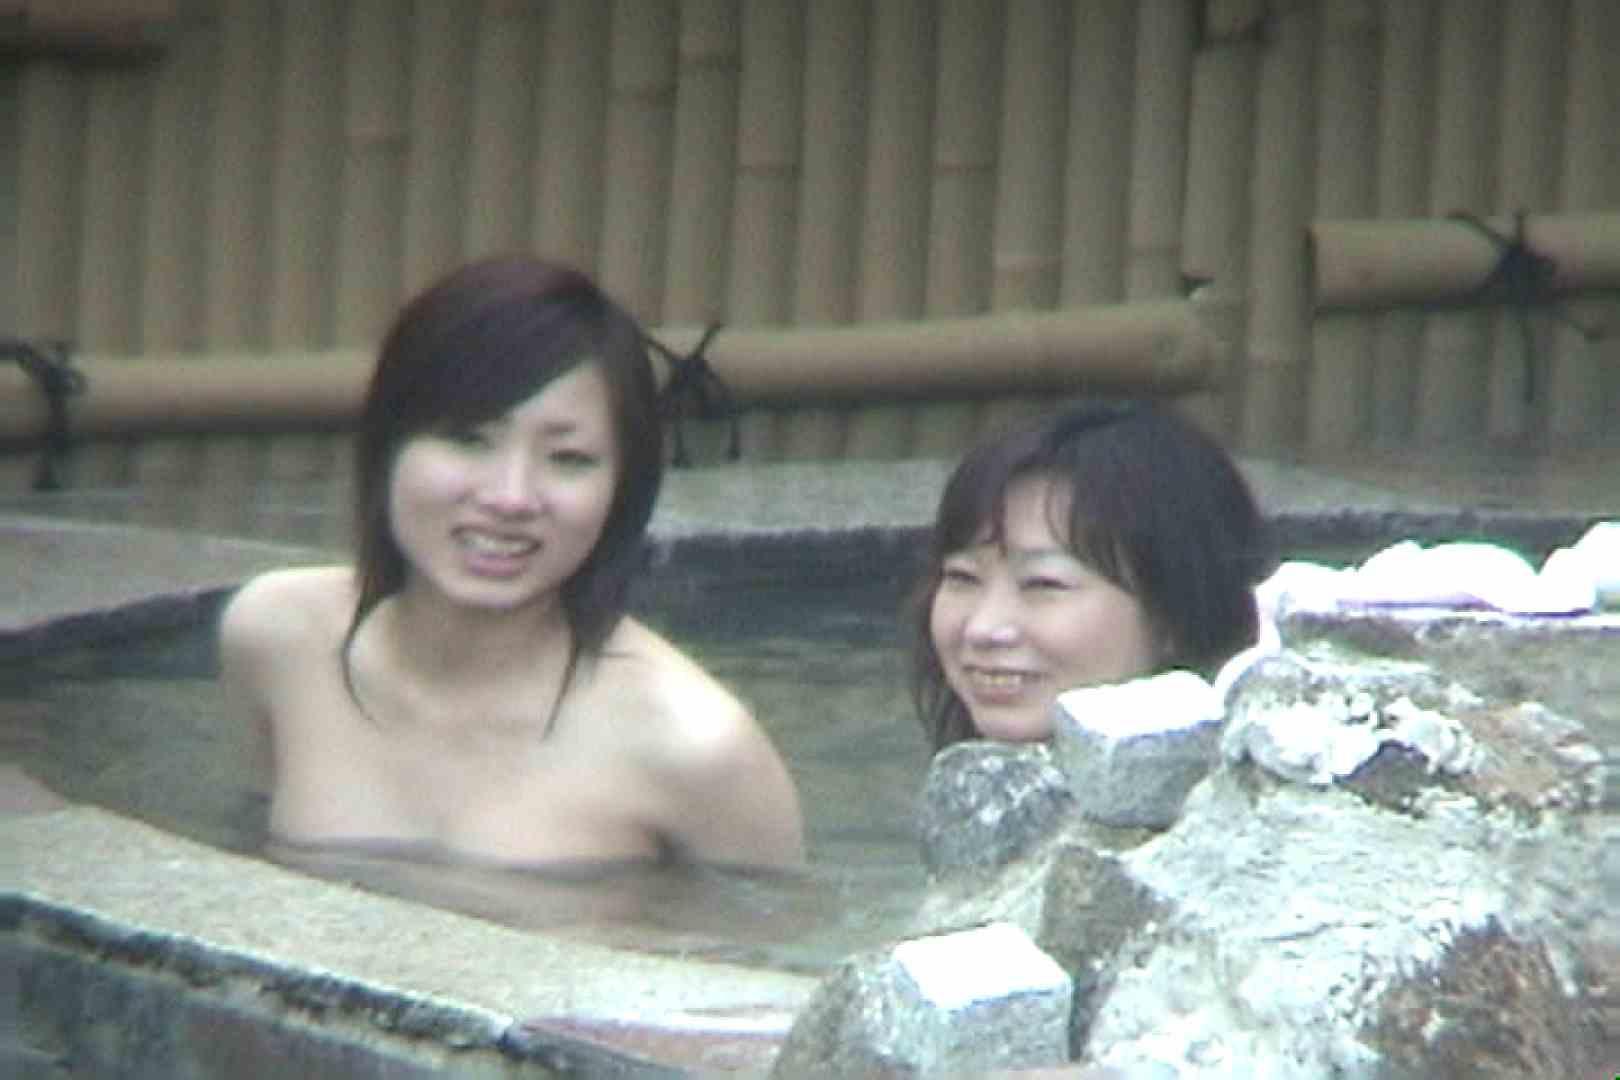 巨乳 乳首:Aquaな露天風呂Vol.58【VIP限定】:のぞき本舗 中村屋